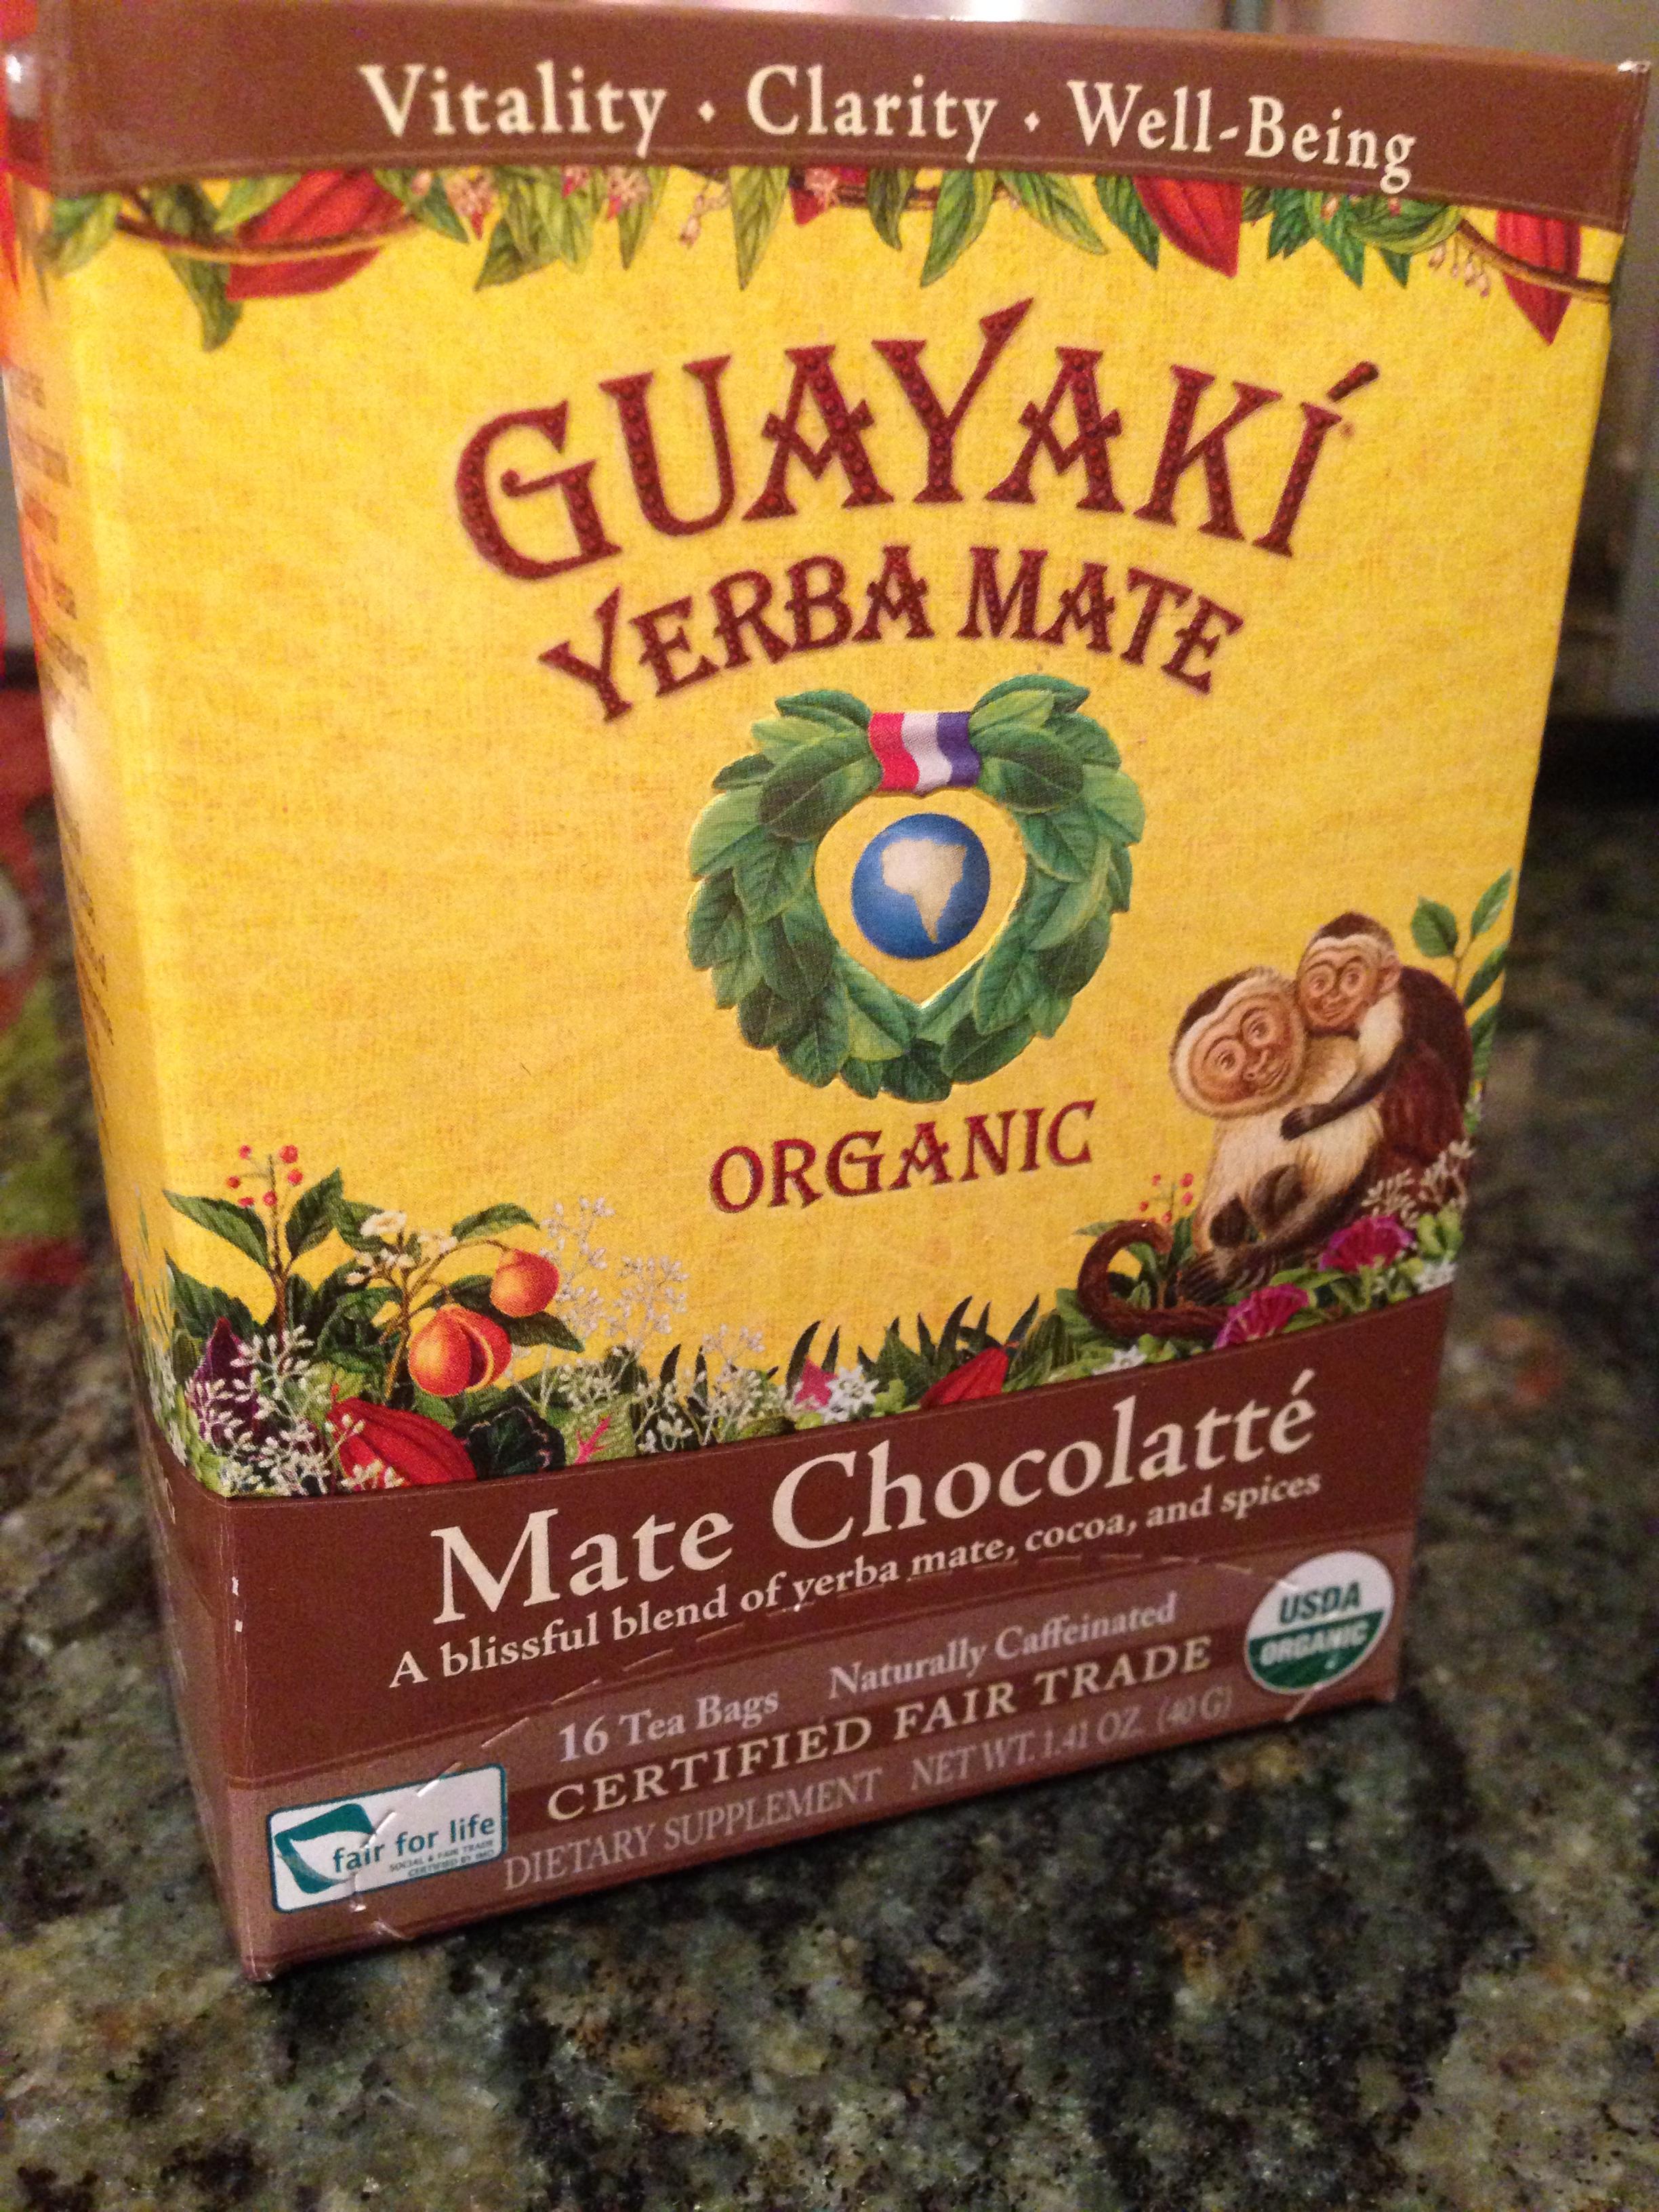 Guayaki mate chocolatte